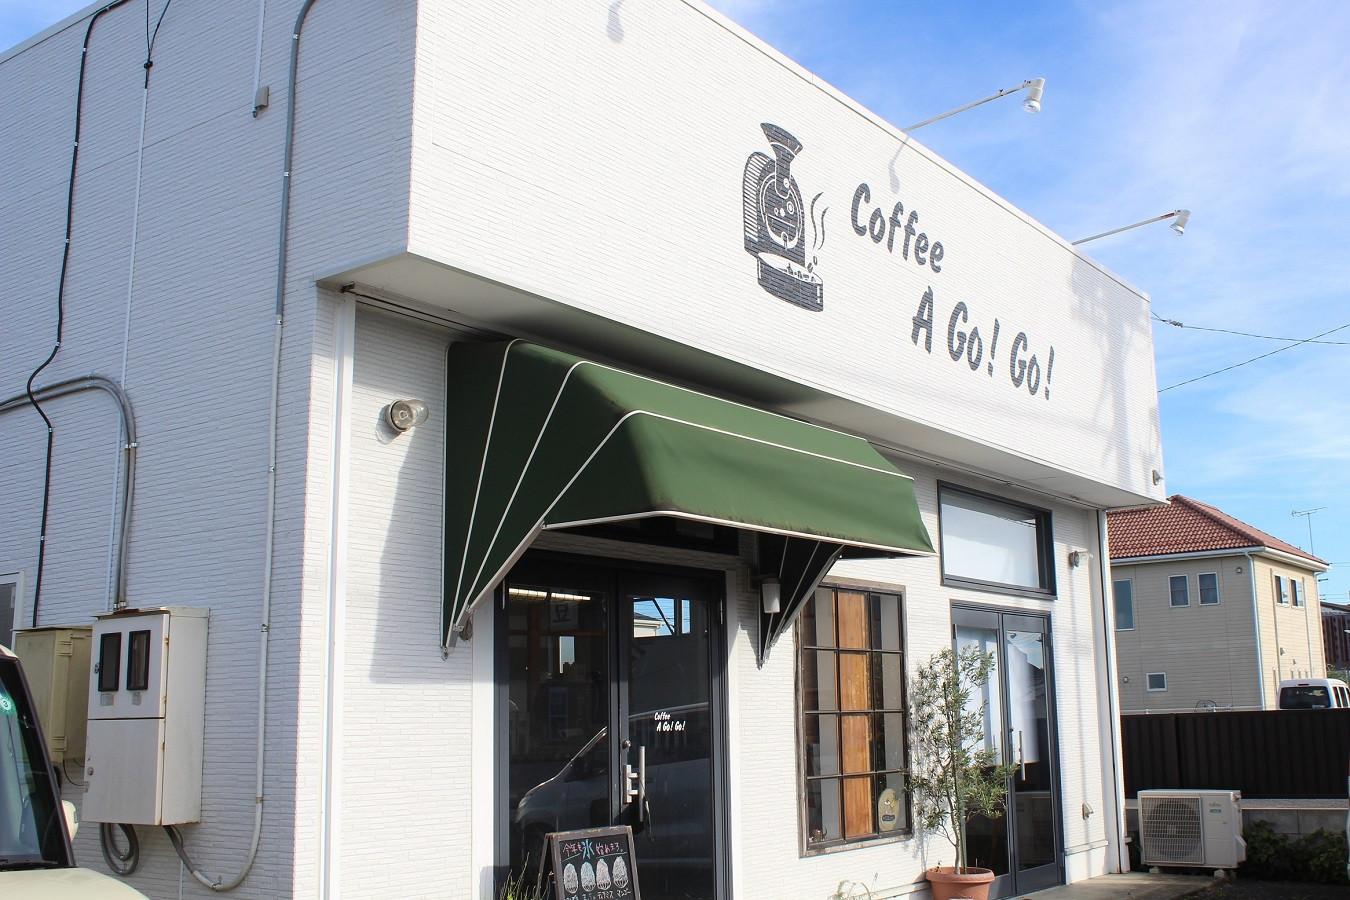 コーヒー・ア・ゴー!ゴー!店舗外観。